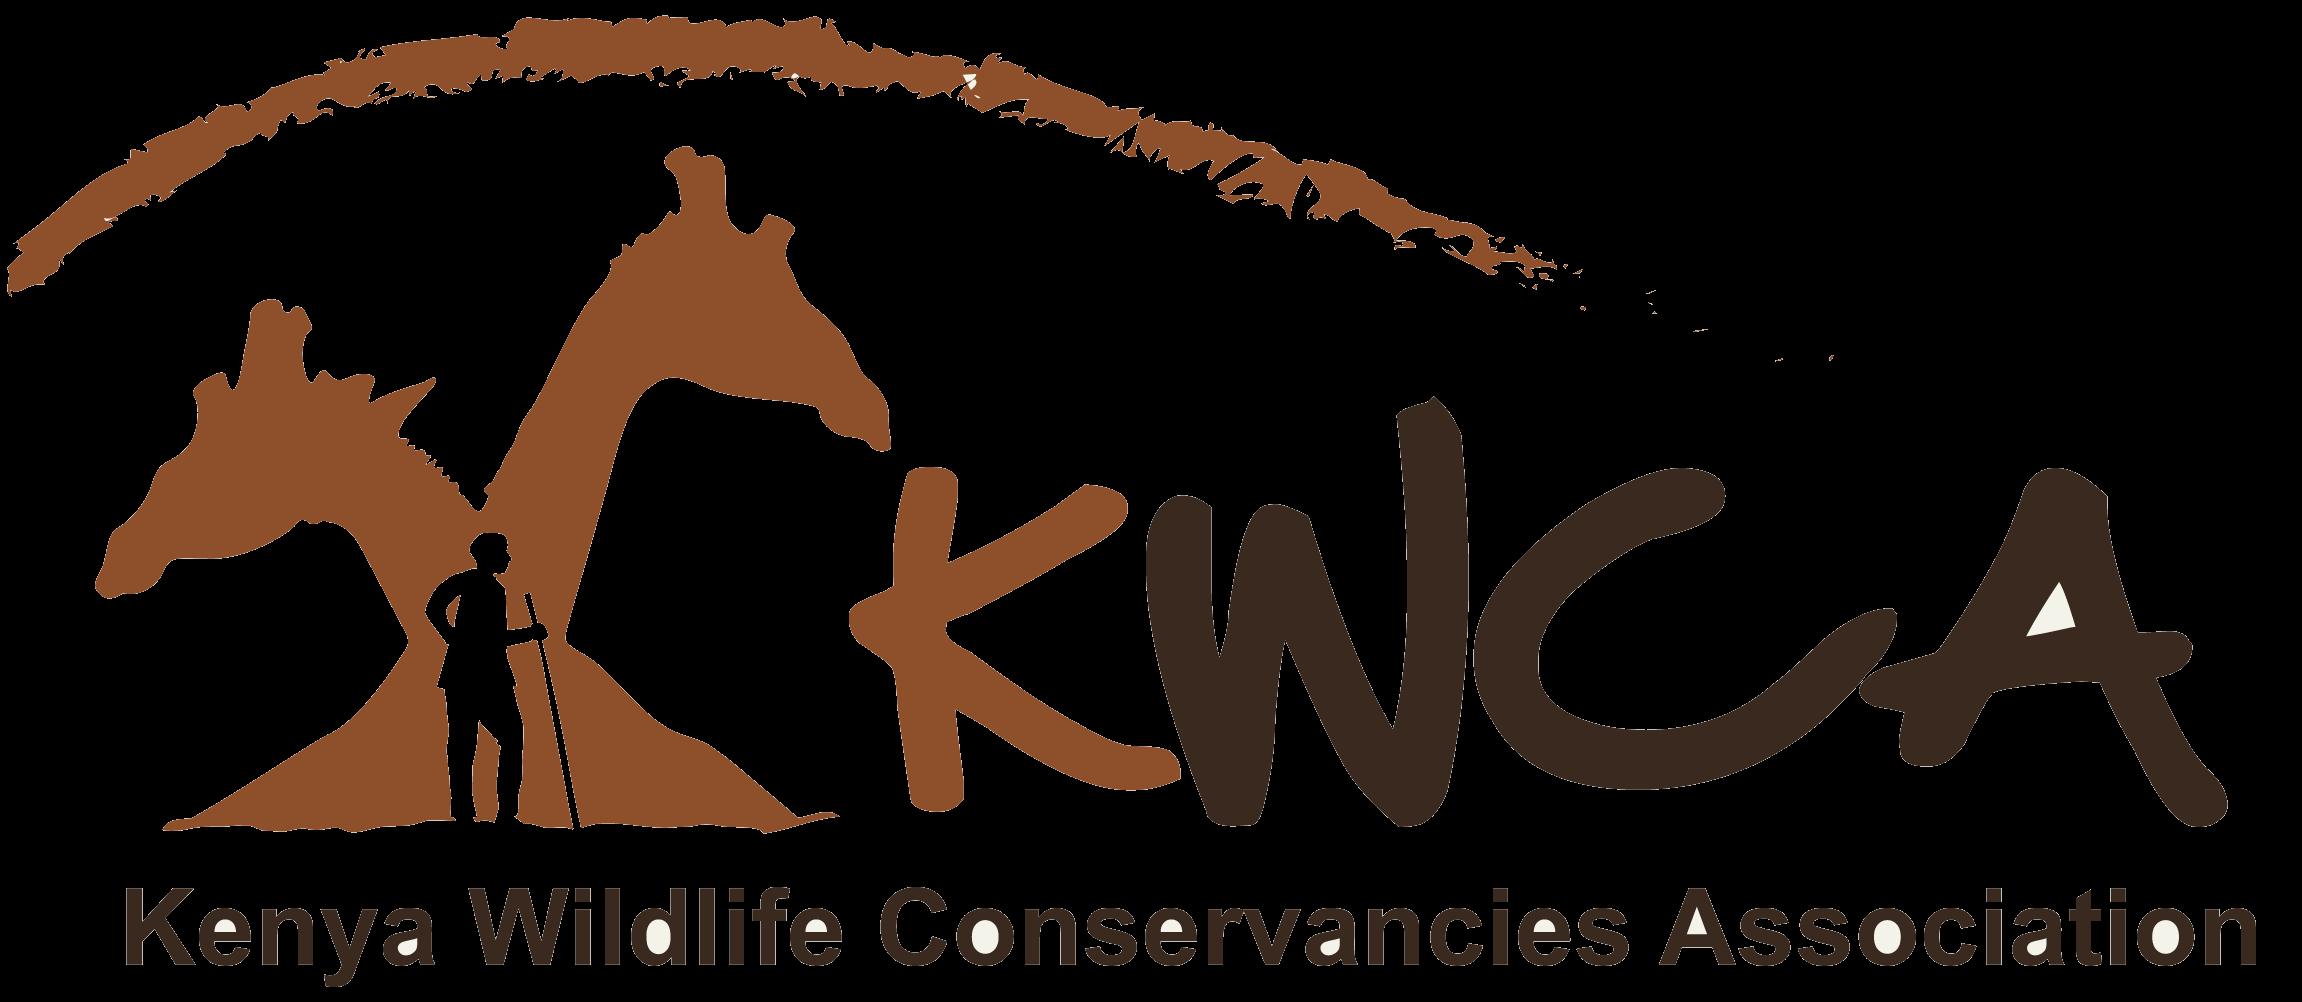 KWCA-logo-transparent-e1503405610778